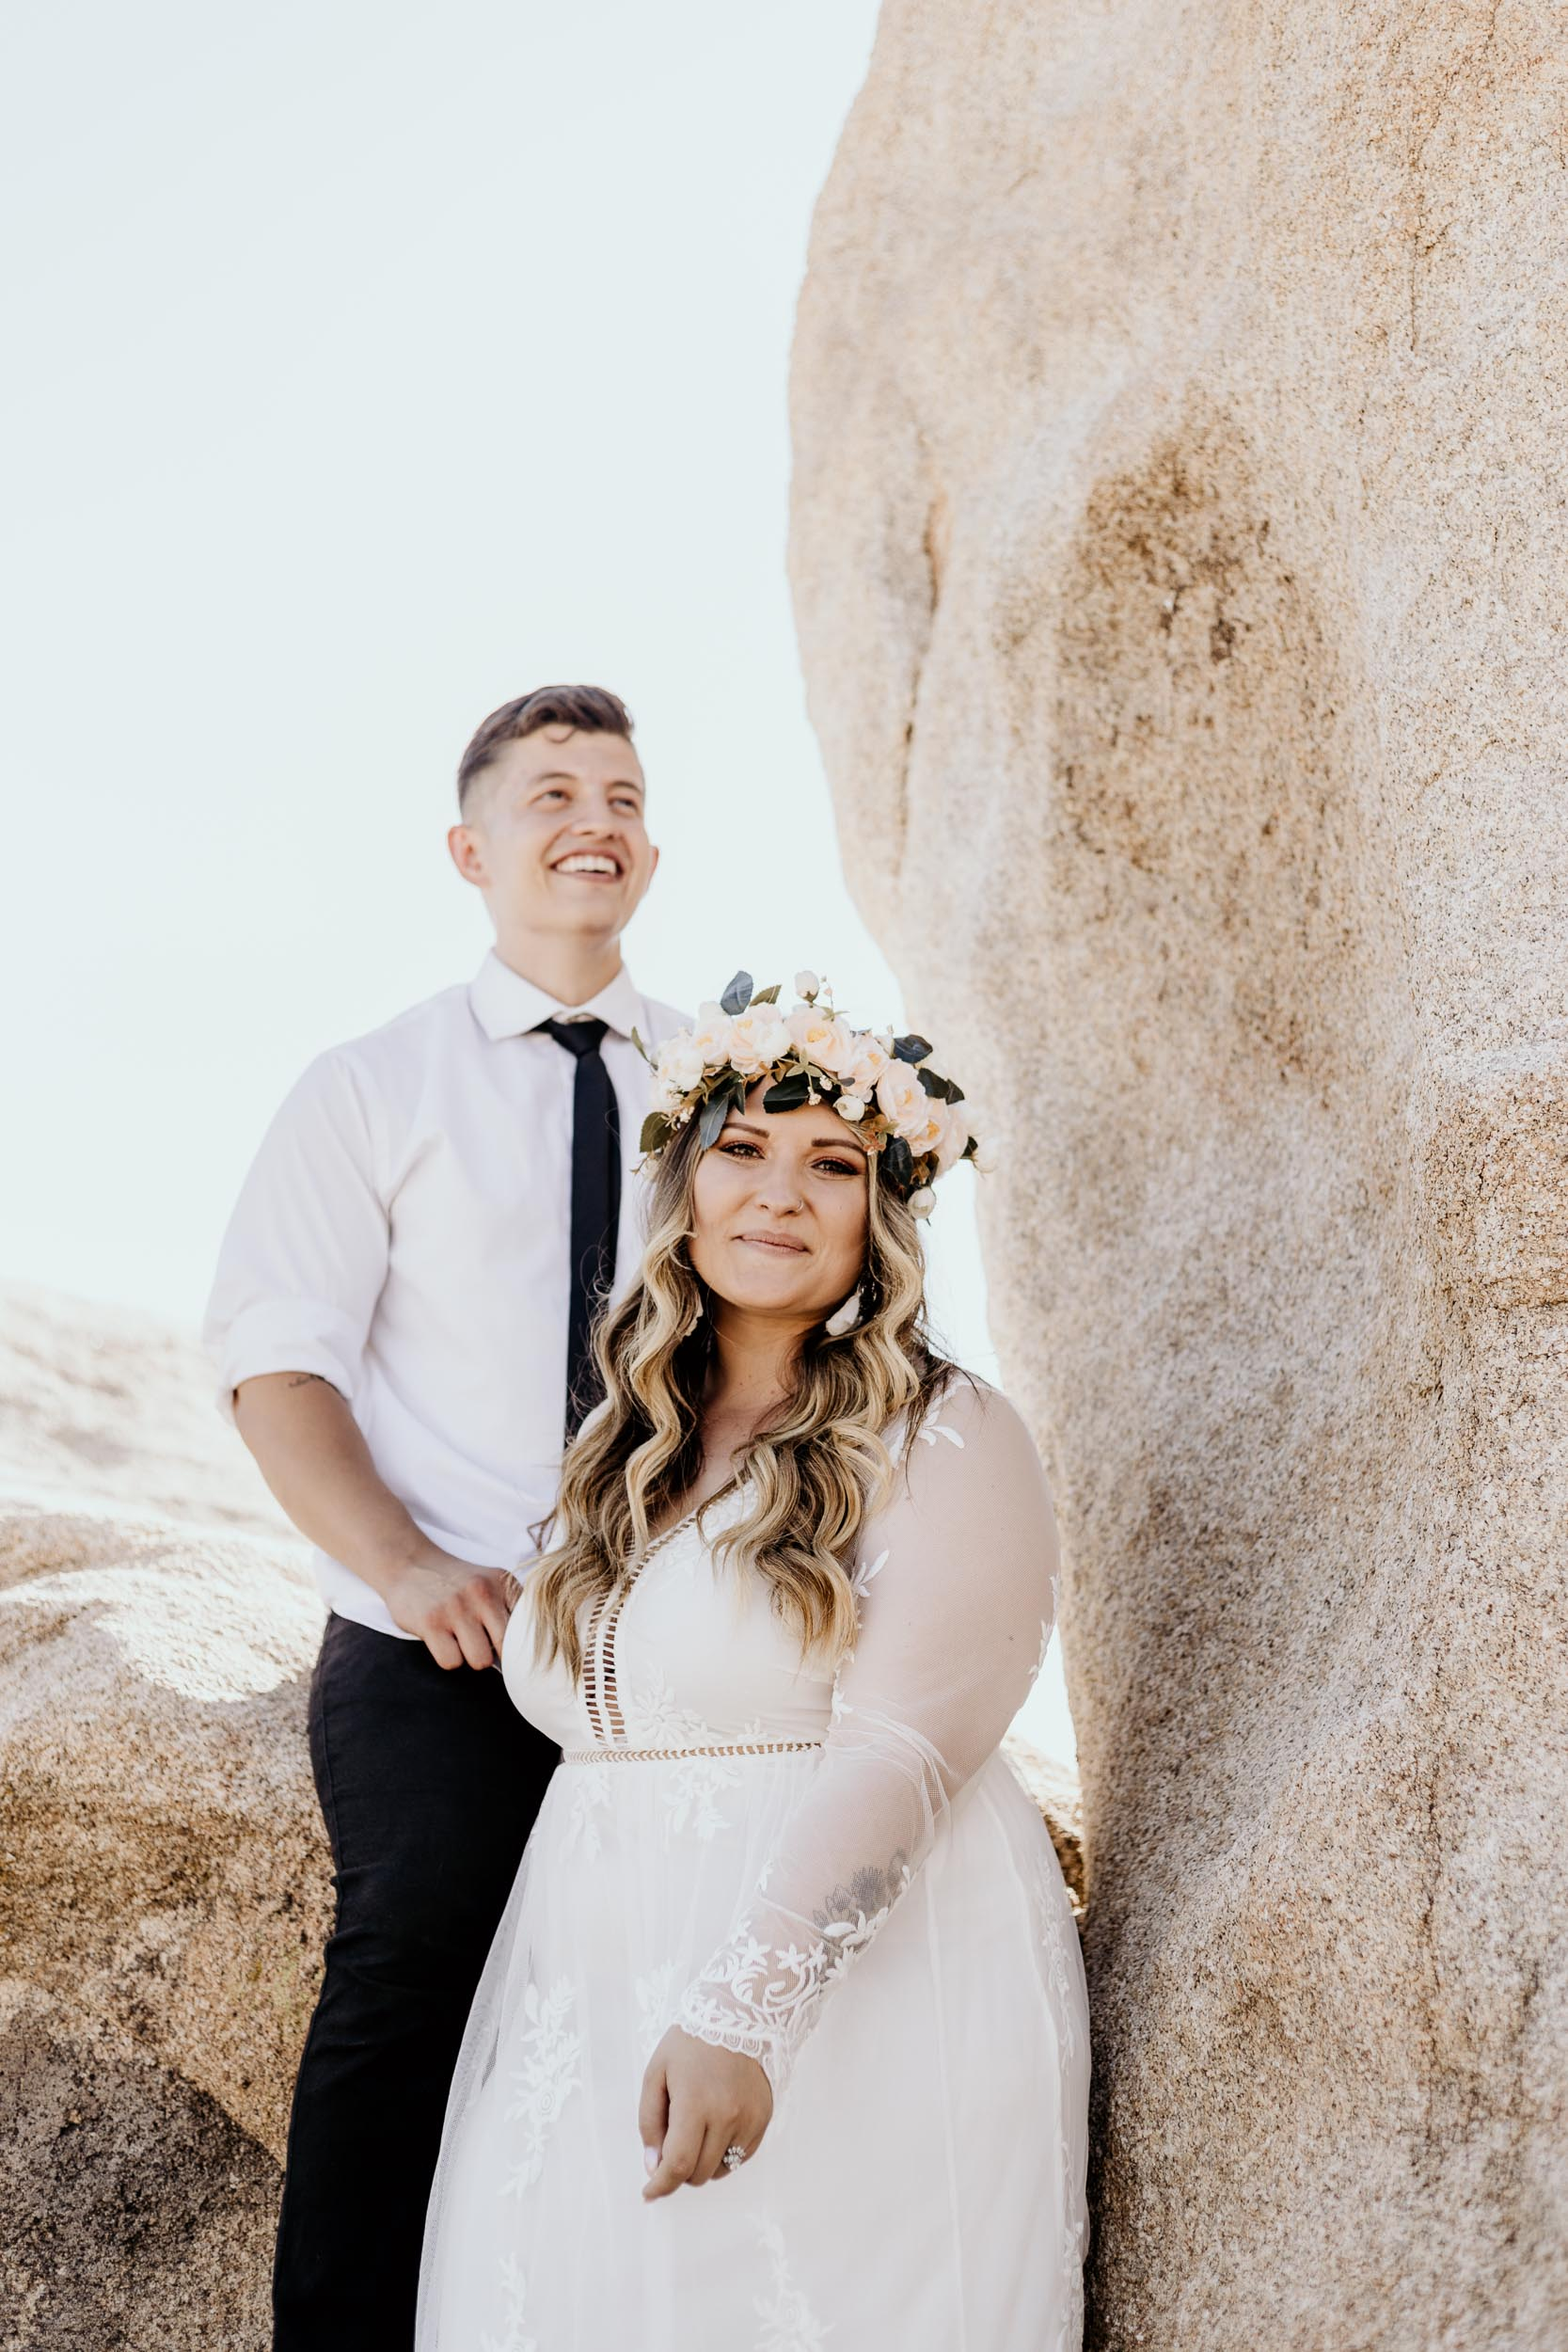 intimate-wedding-elopement-photographer-ottawa-joshua-tree-0729.jpg